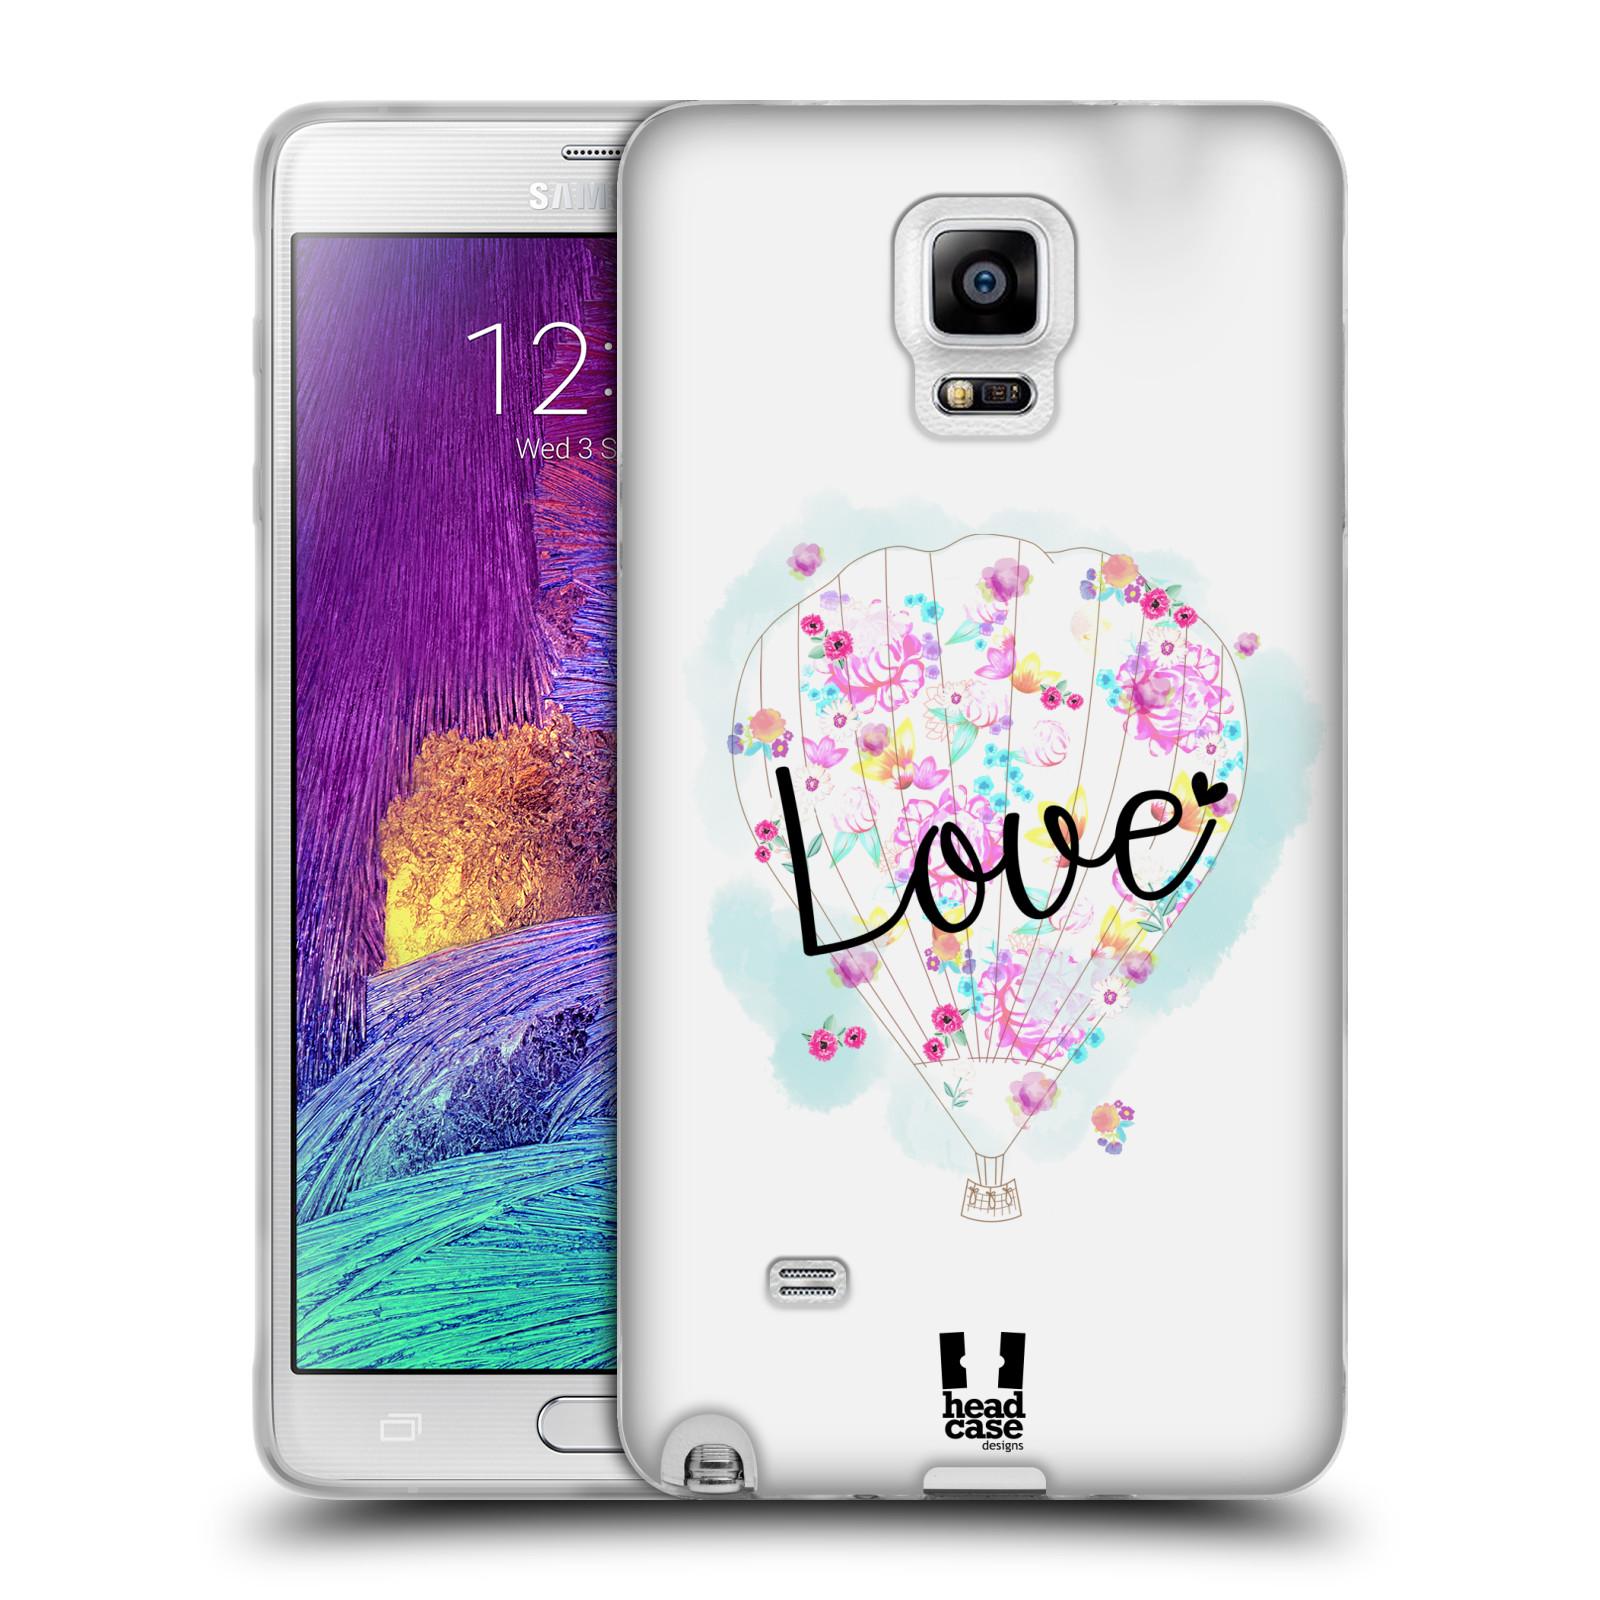 Silikonové pouzdro na mobil Samsung Galaxy Note 4 HEAD CASE Balón Love (Silikonový kryt či obal na mobilní telefon Samsung Galaxy Note 4 SM-N910F)